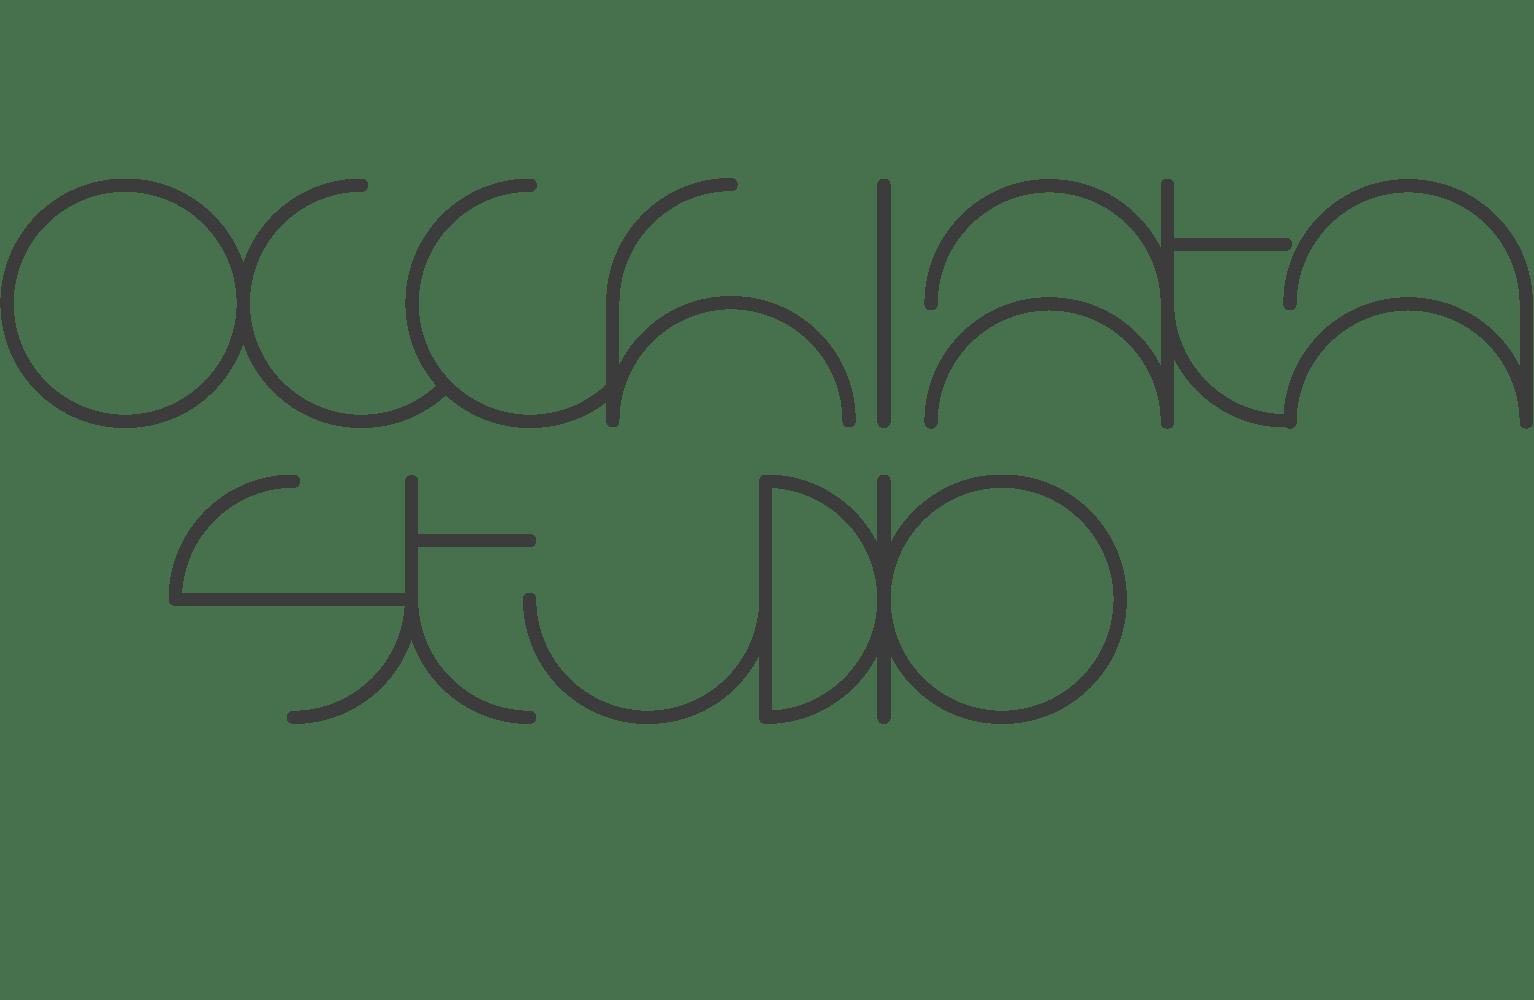 Occhiata Studio